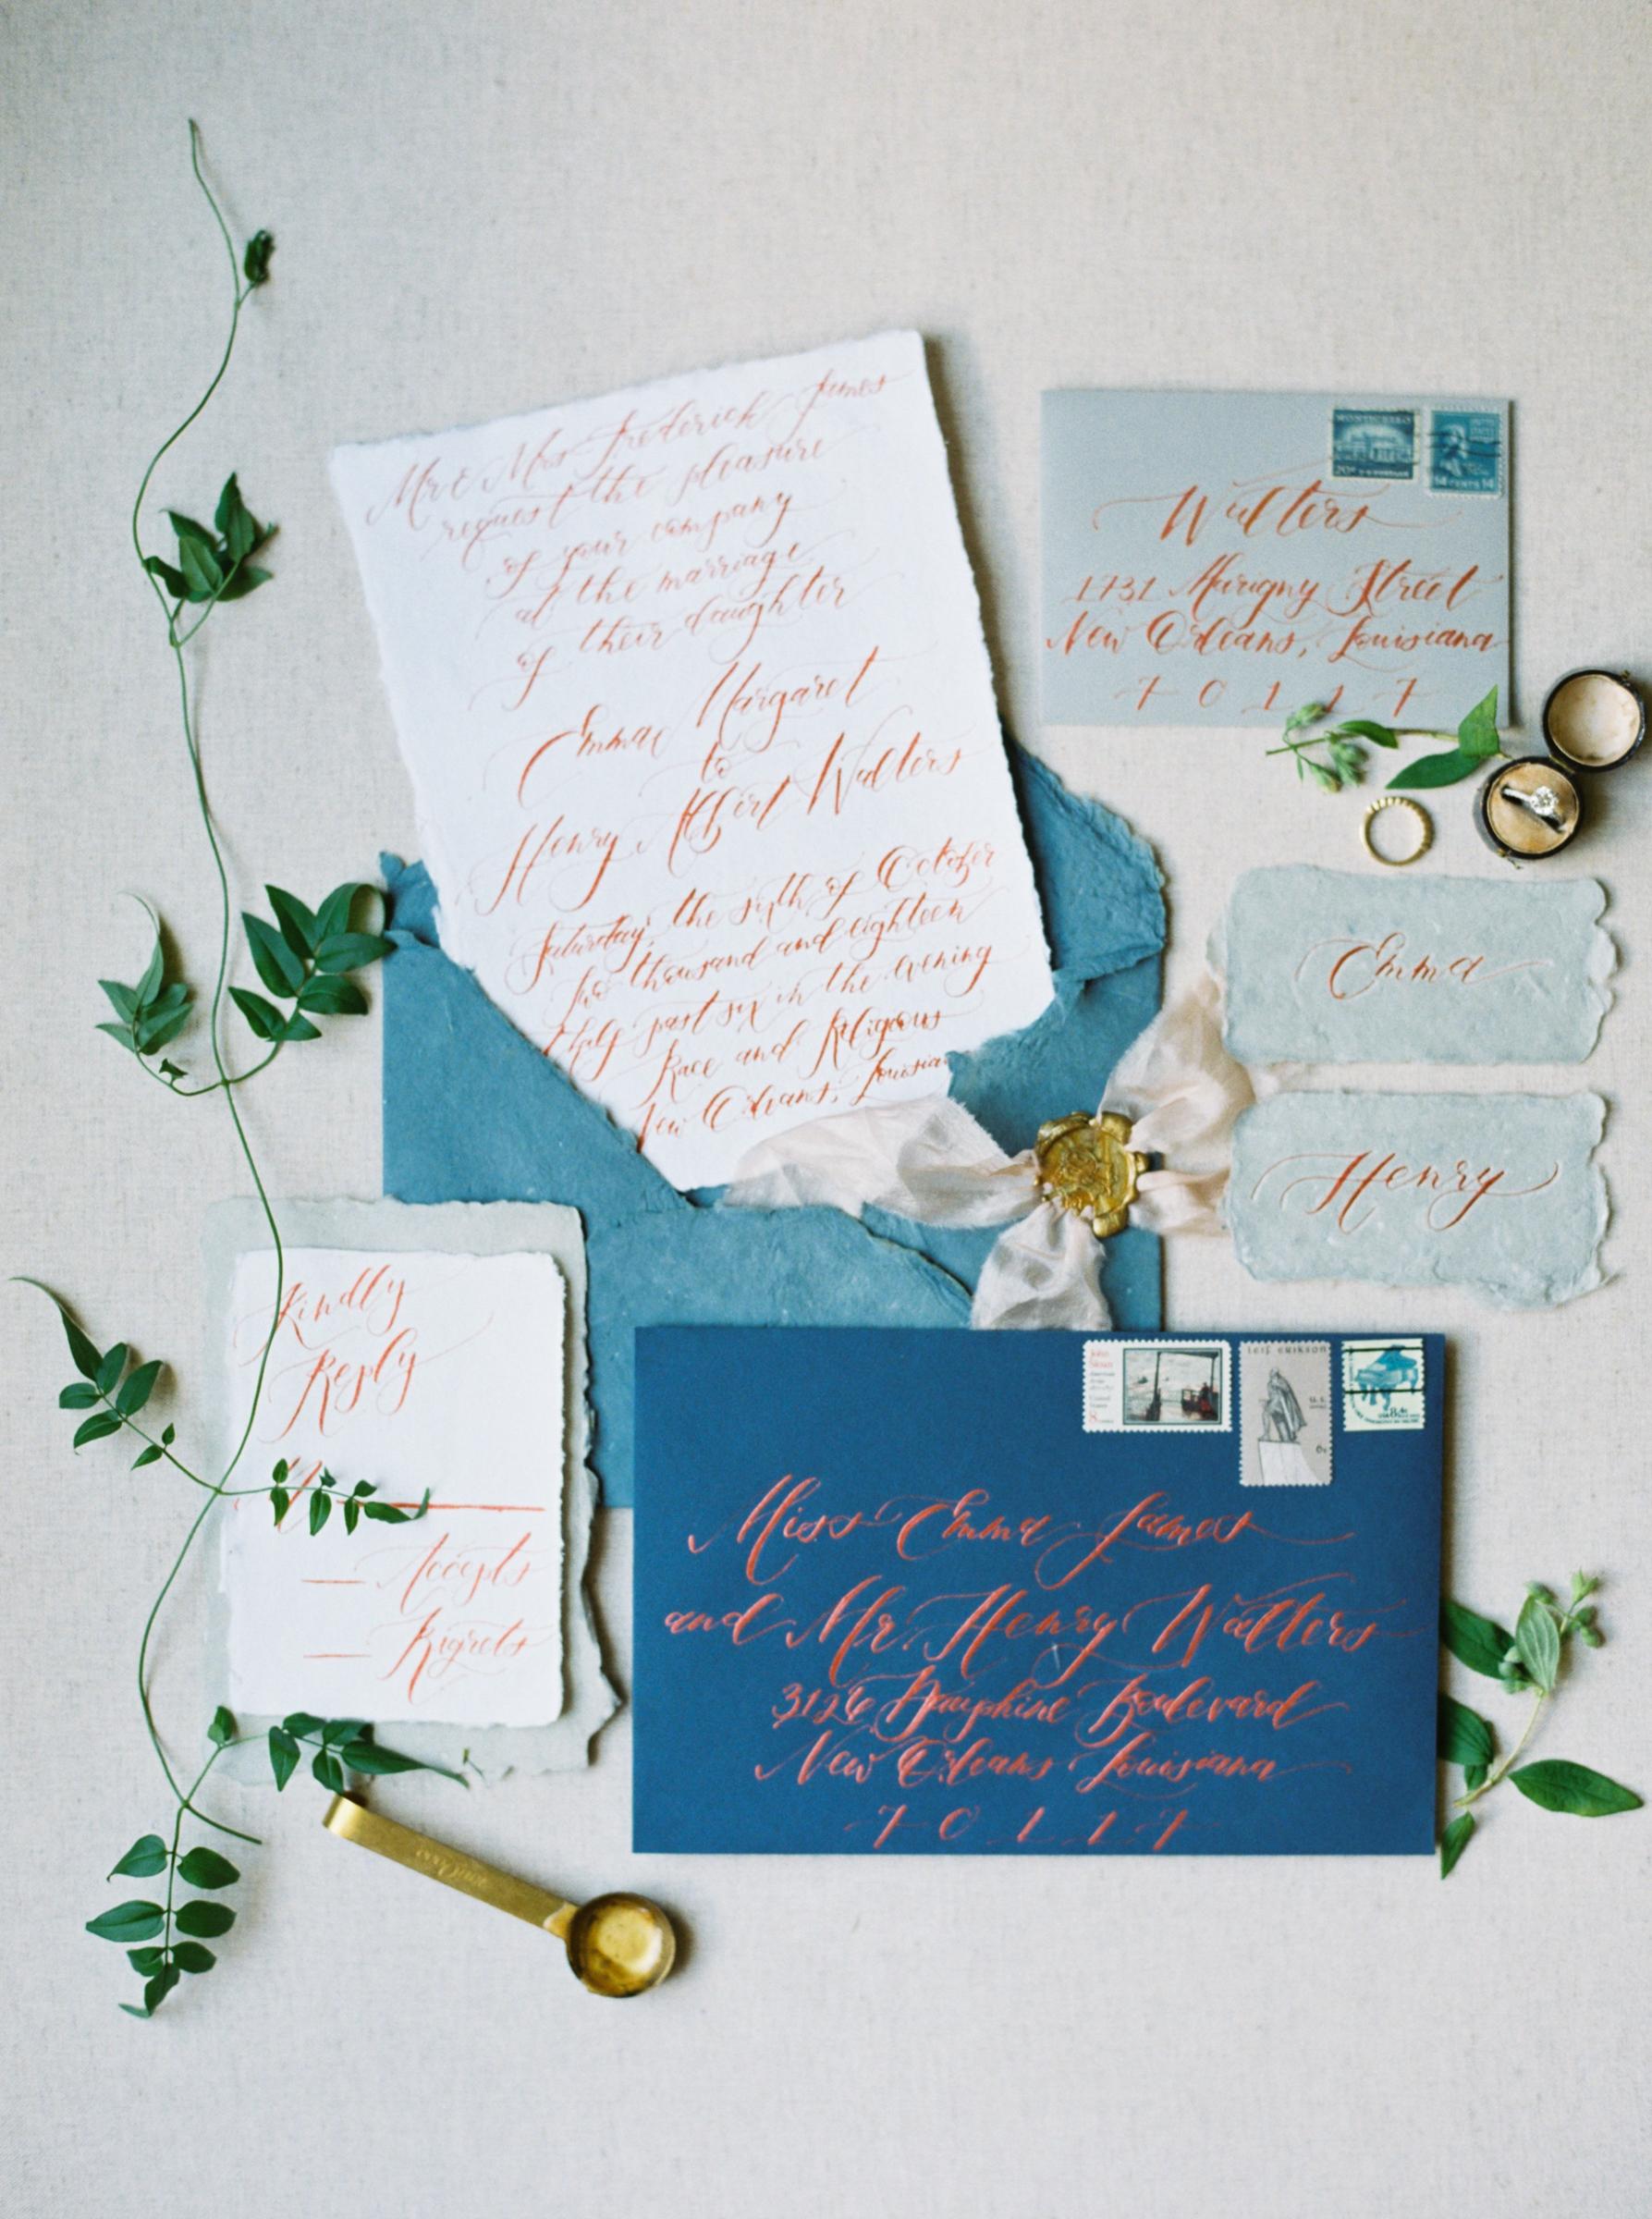 Race-and-religious-wedding-inspiration-shannon-skloss-38.jpg